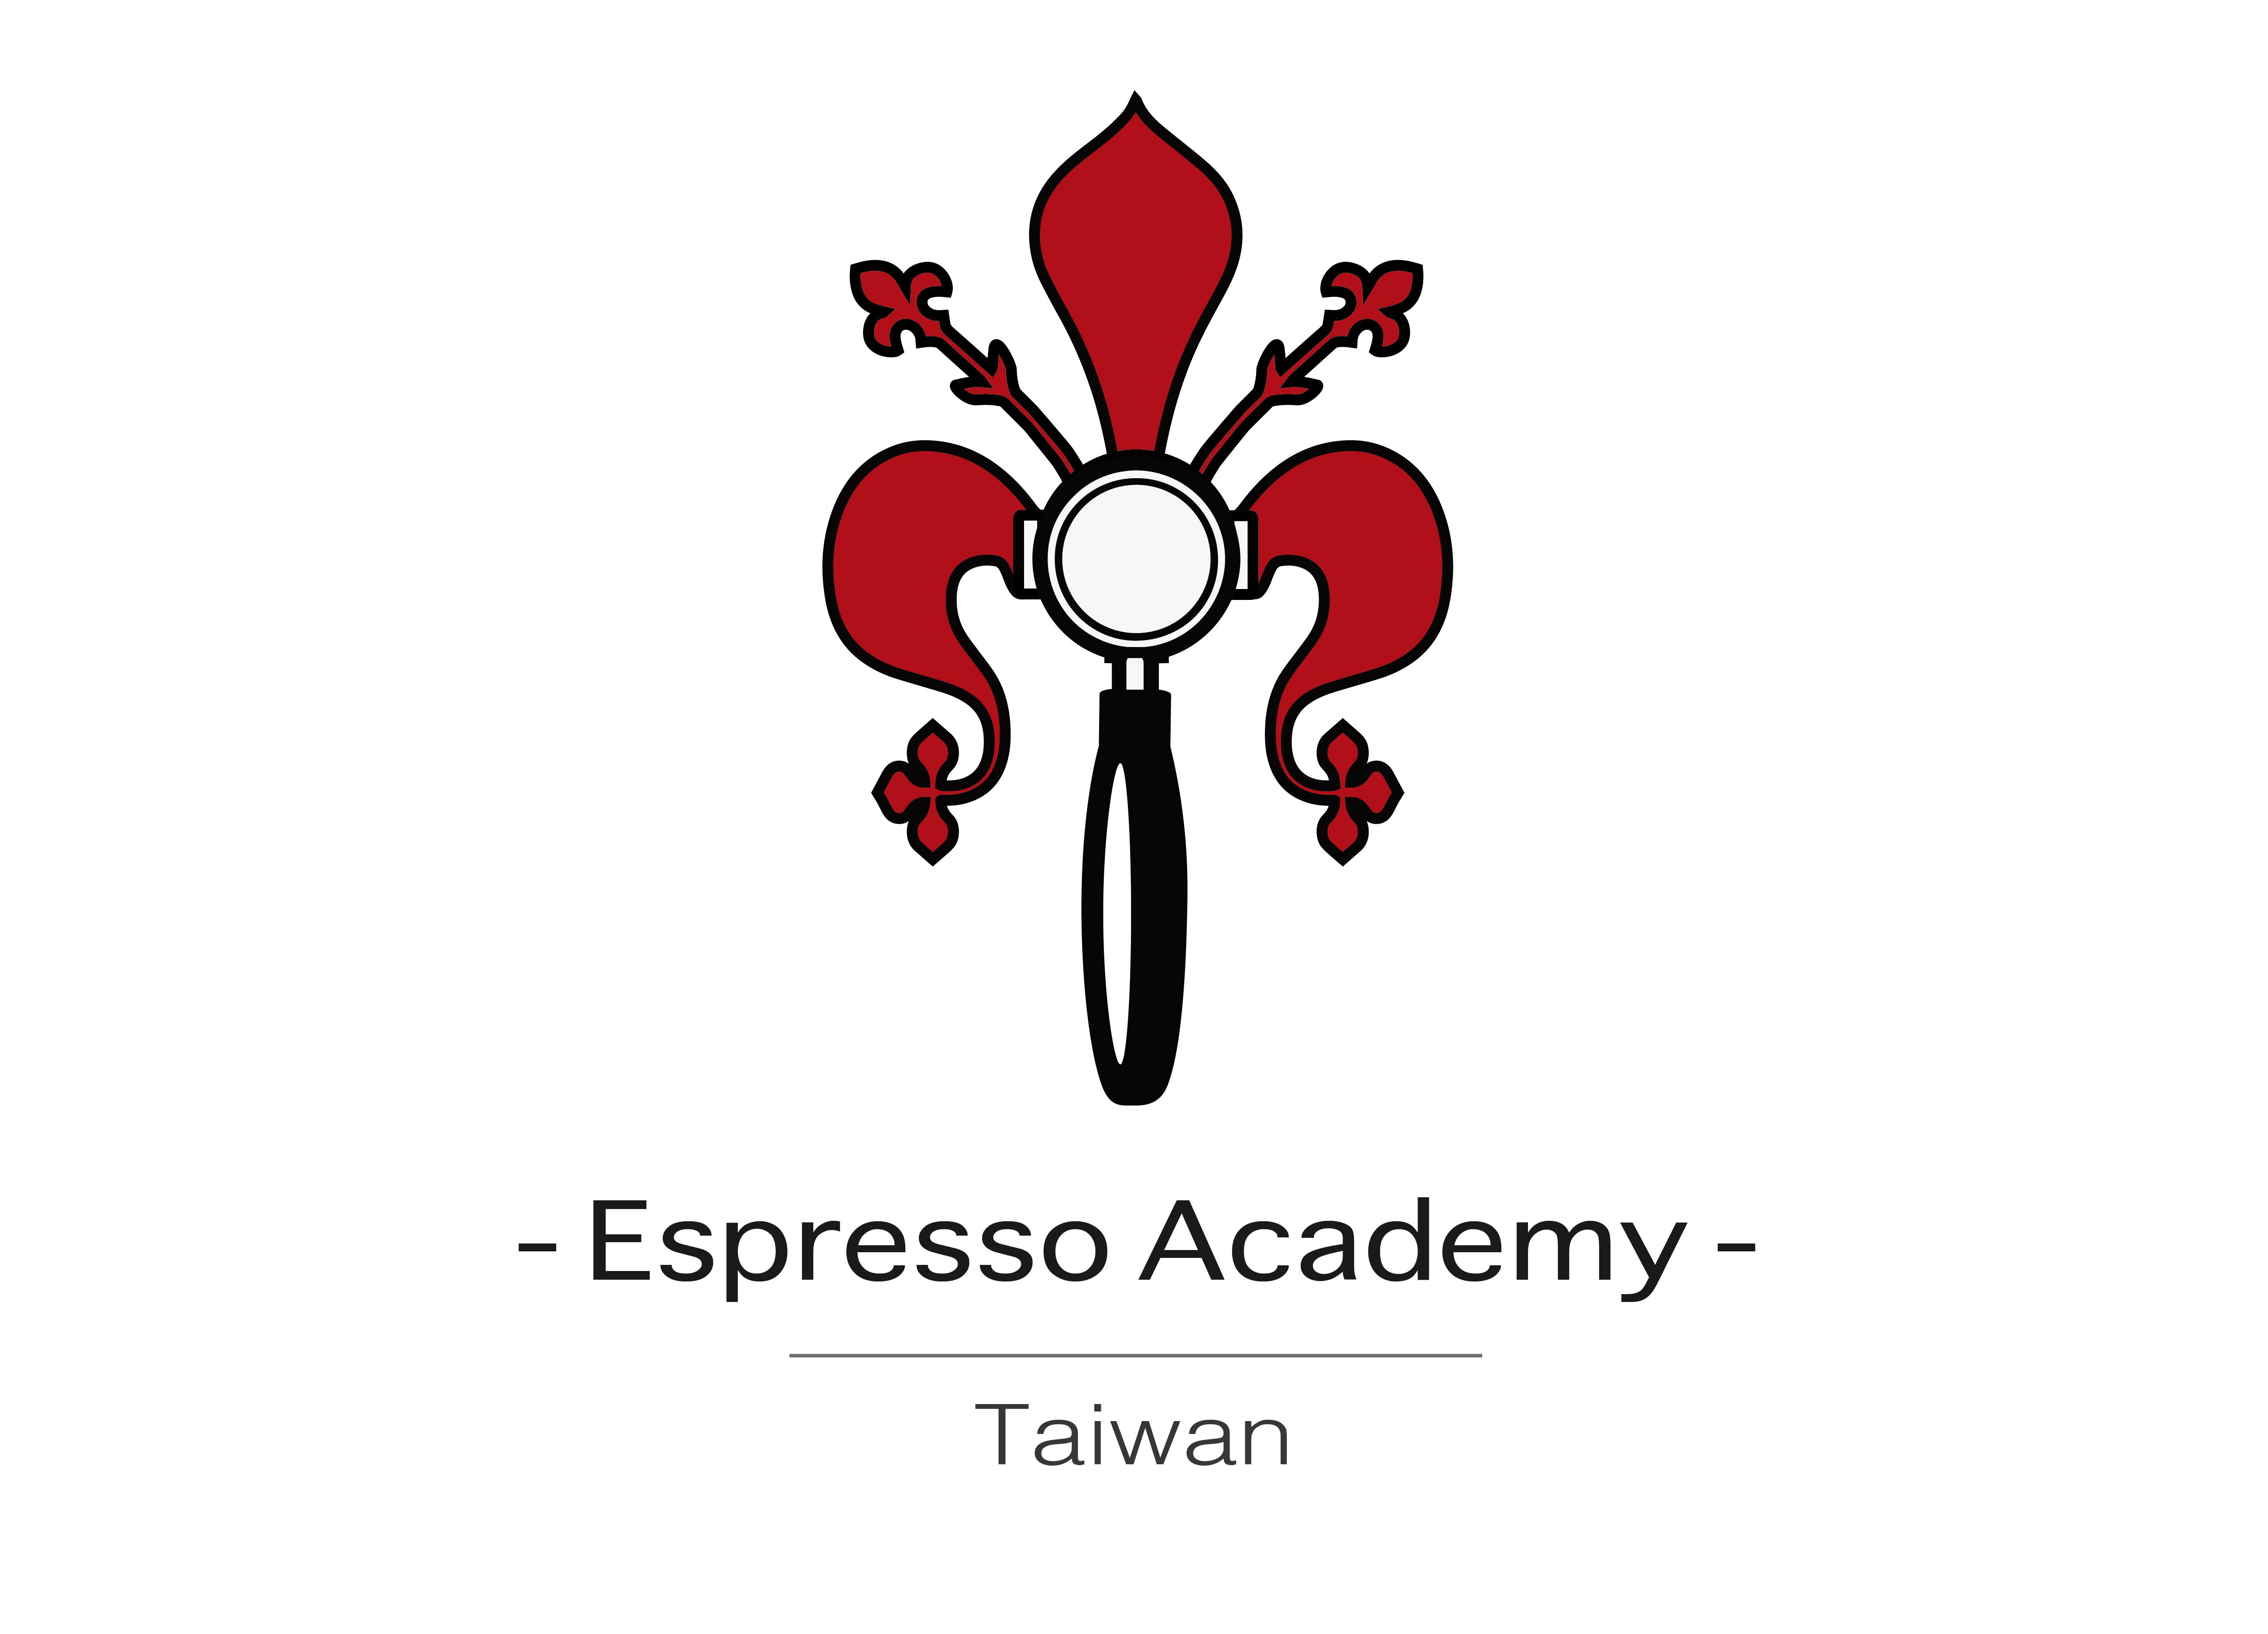 Logo espresso Academy-Taiwan